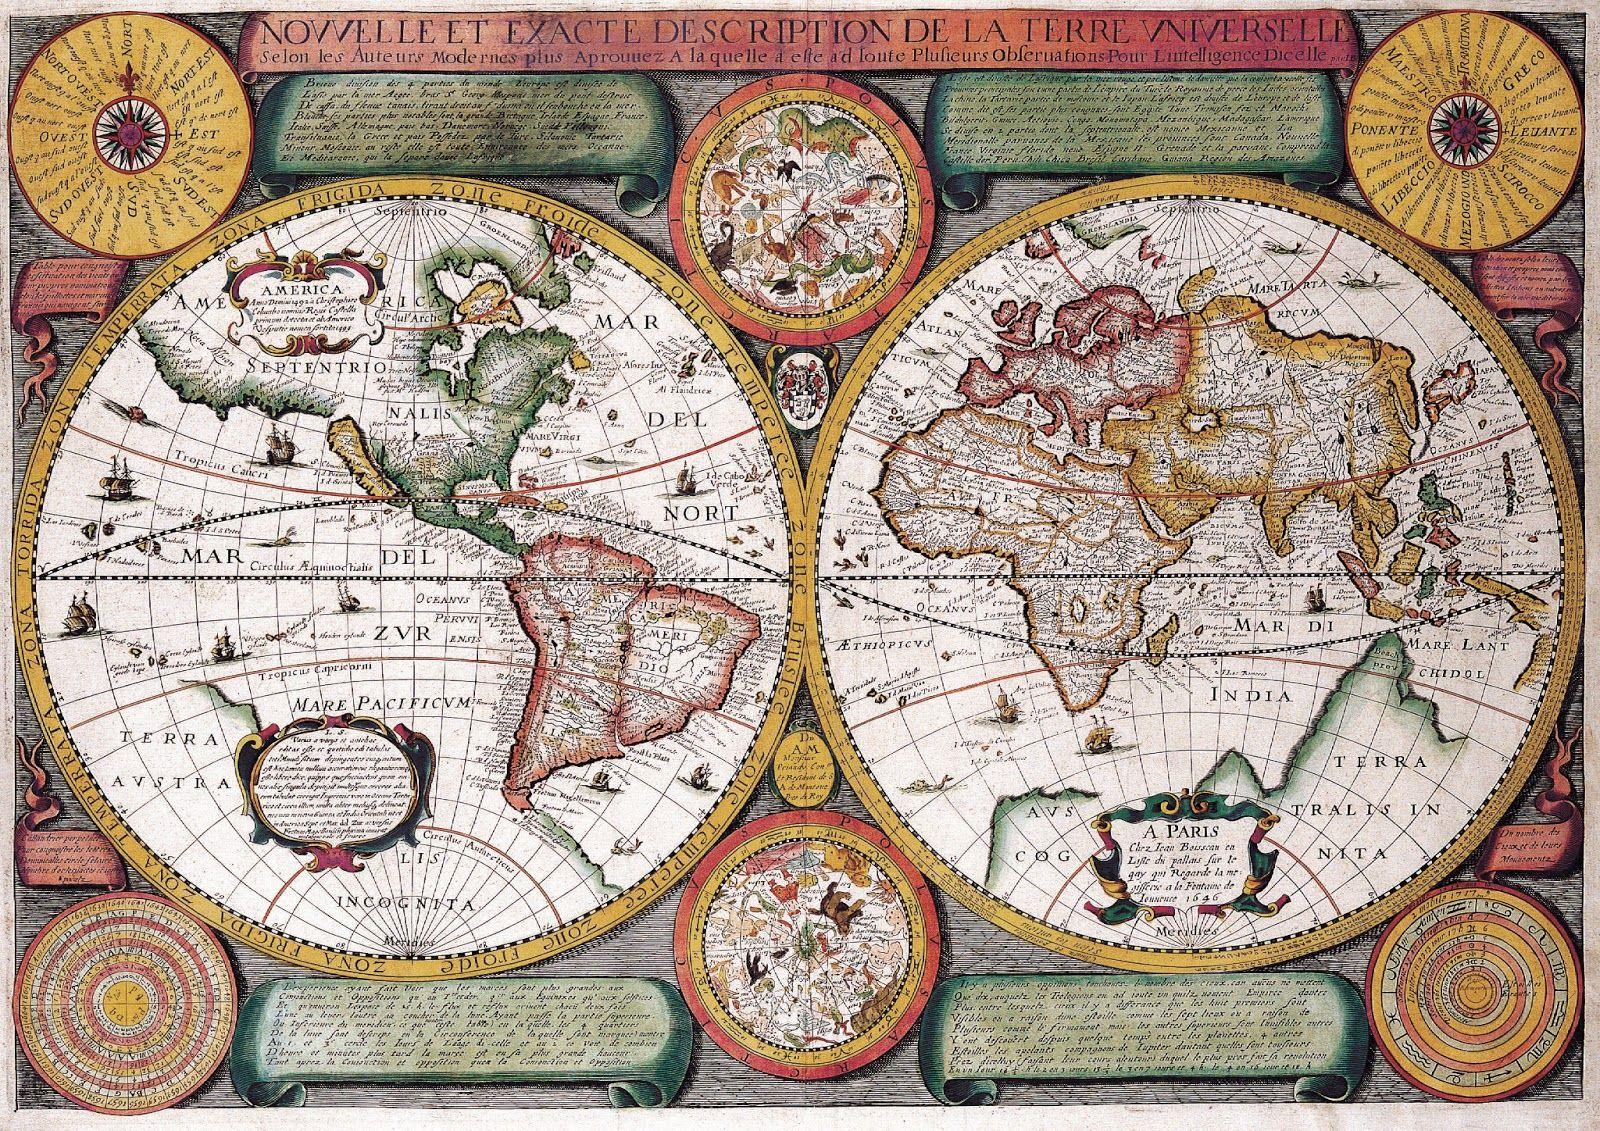 L'art magique: Cartes du monde au XVIIème siècle | ₳rt 1600 1699